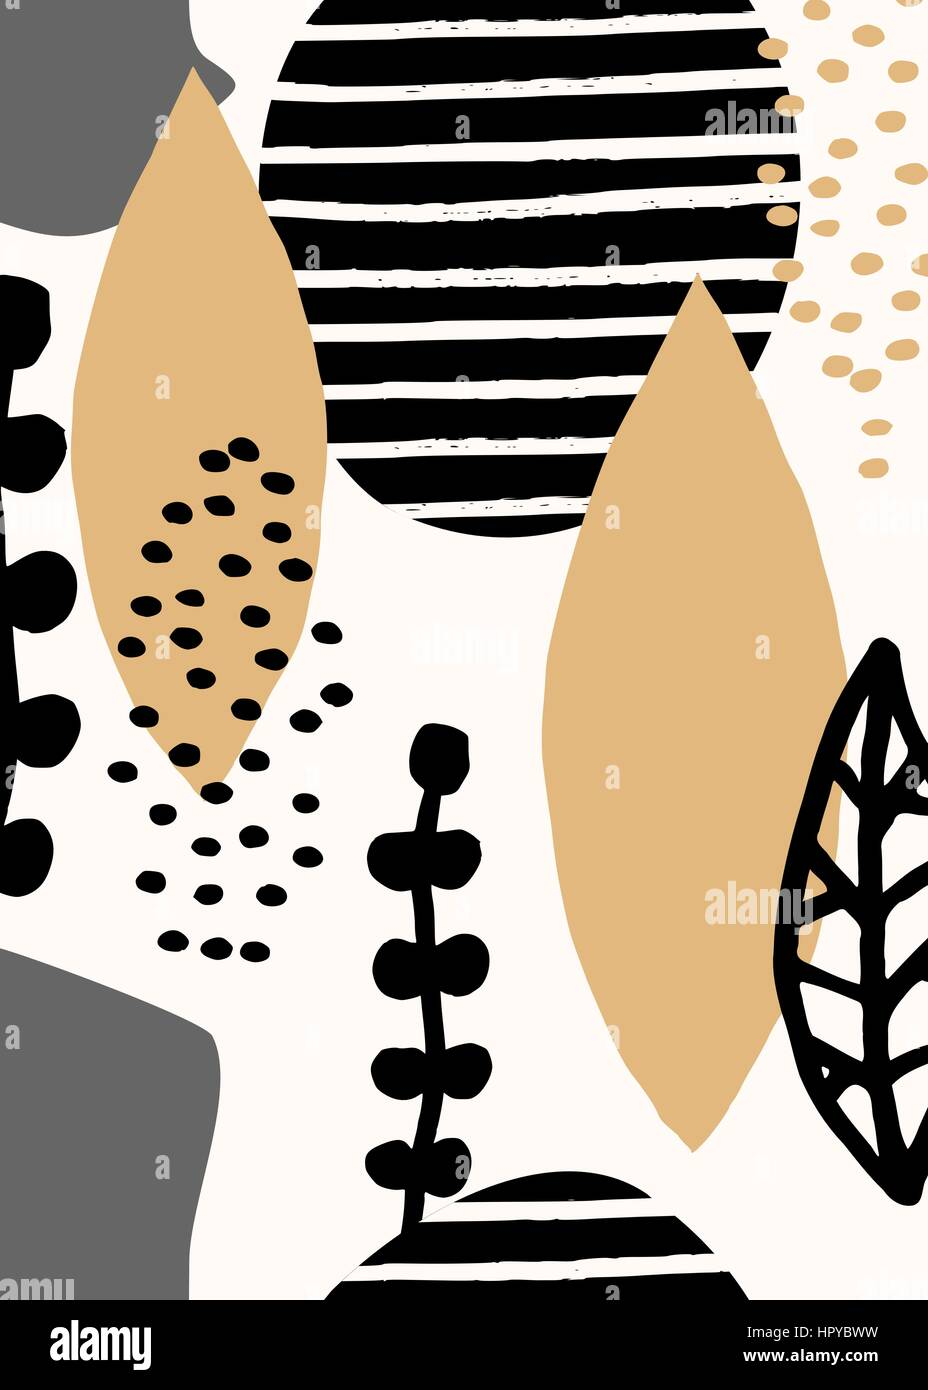 Collage Stildesign Mit Abstrakten Und Organische Formen In Pastellrosa,  Senfgelb, Grau, Schwarz Und Creme. Abstrakte Kunst Der Wandgestaltung.